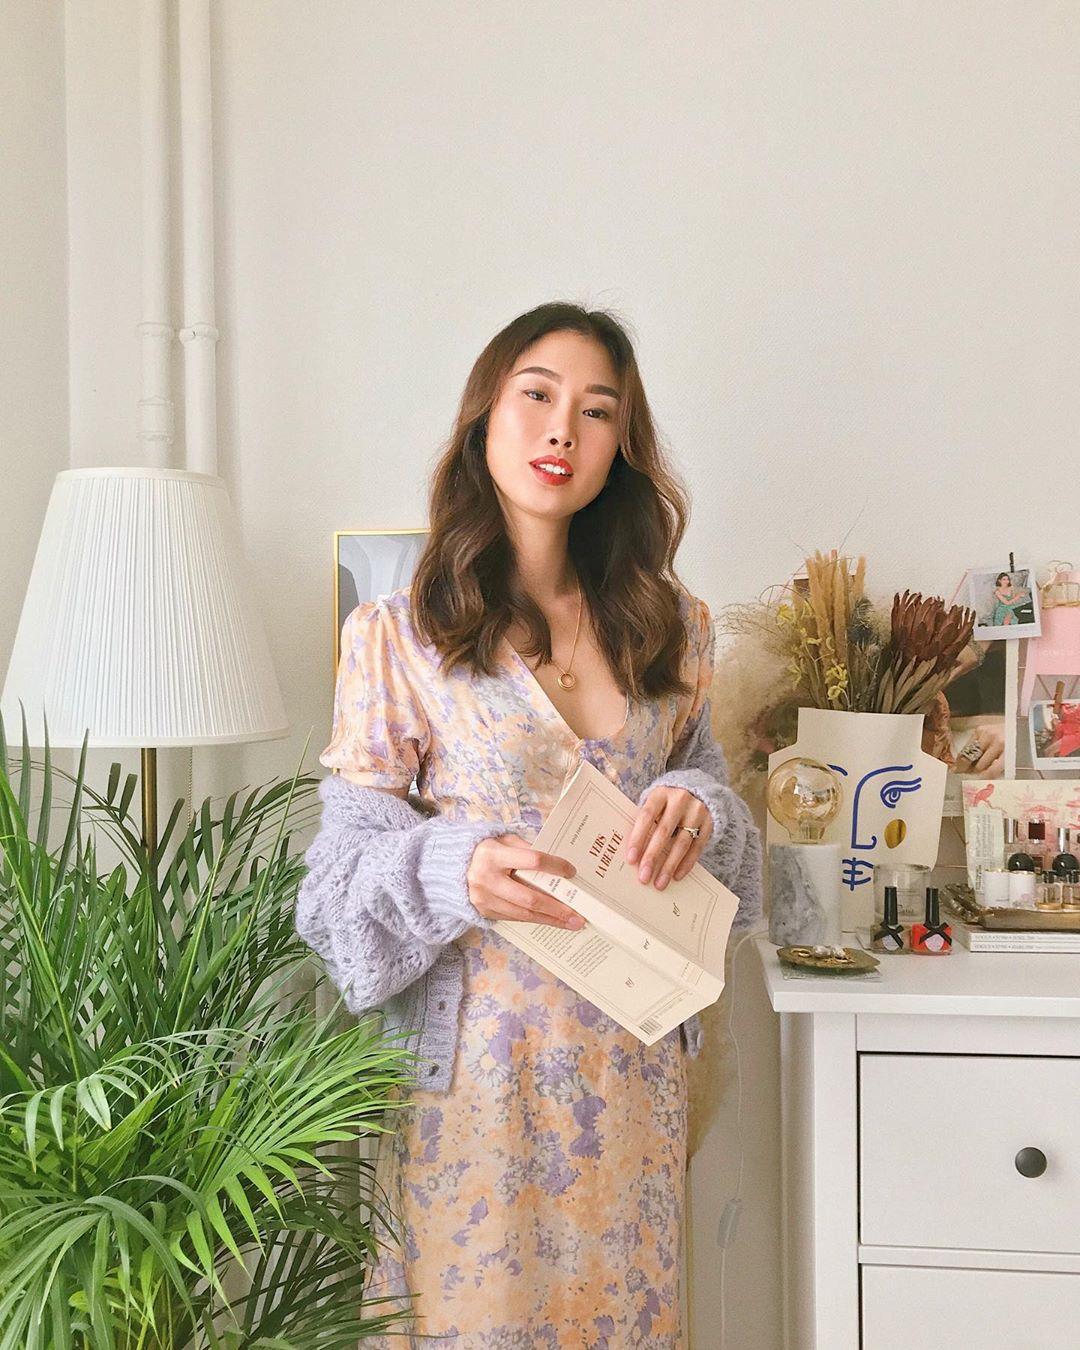 9 kiểu diện cardigan hờ hững, buông lơi học từ gái Hàn đến gái Pháp chuẩn chỉnh cho ngày hanh hao gió mùa - Ảnh 8.